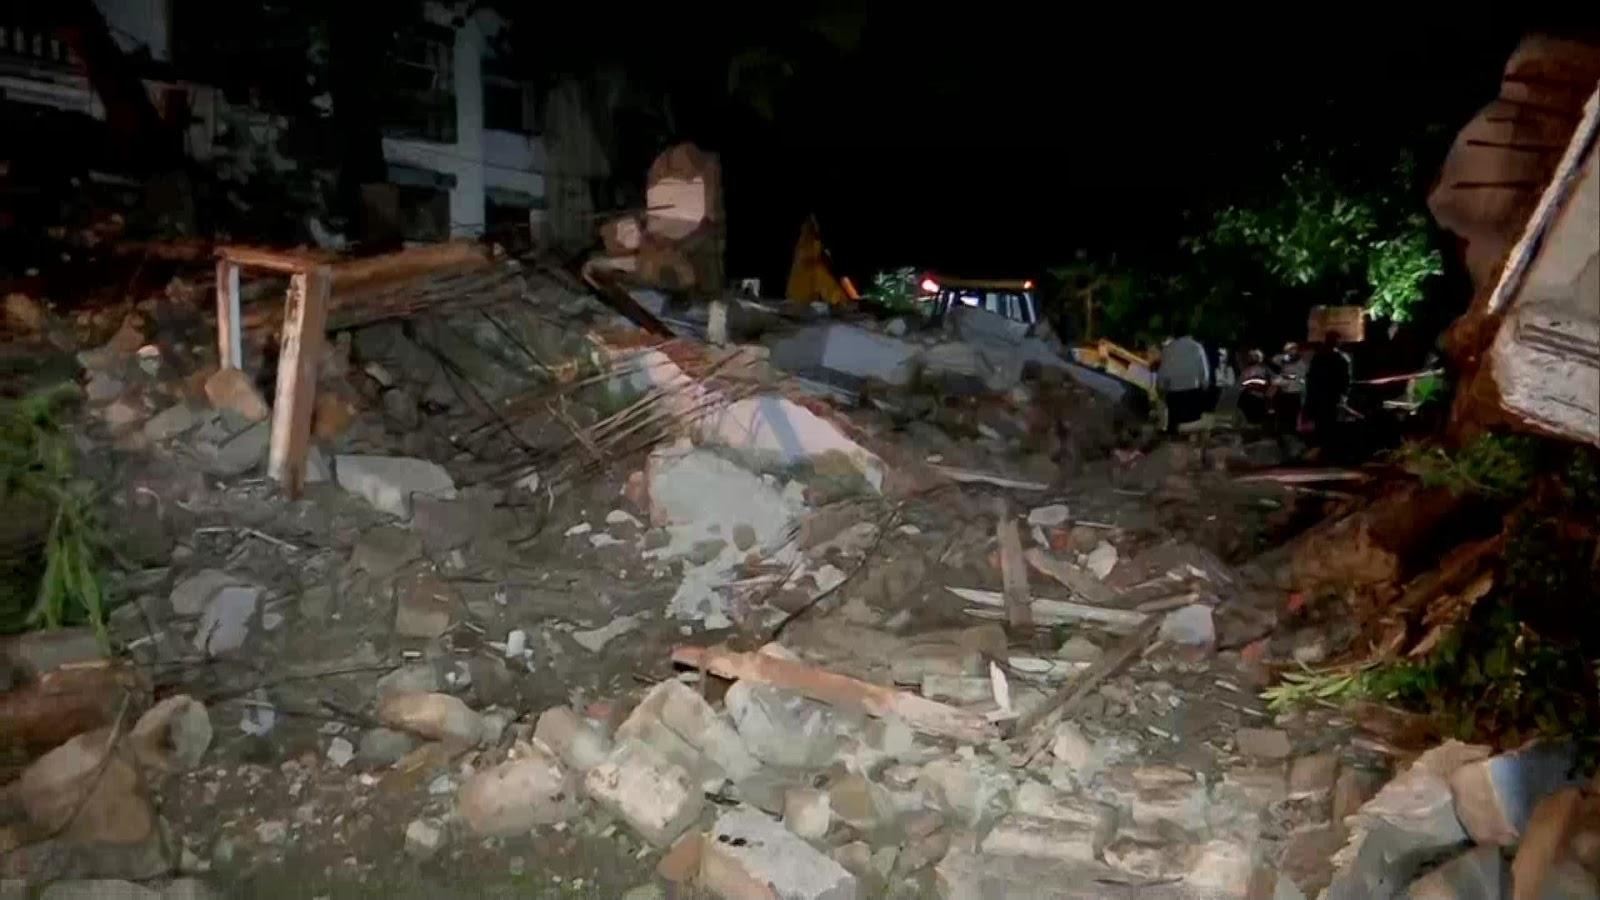 बांद्रा इलाके में गिरी चार मंजिला इमारत, सभी 16 लोगों को निकाला गया, दो की हालत गंभीर